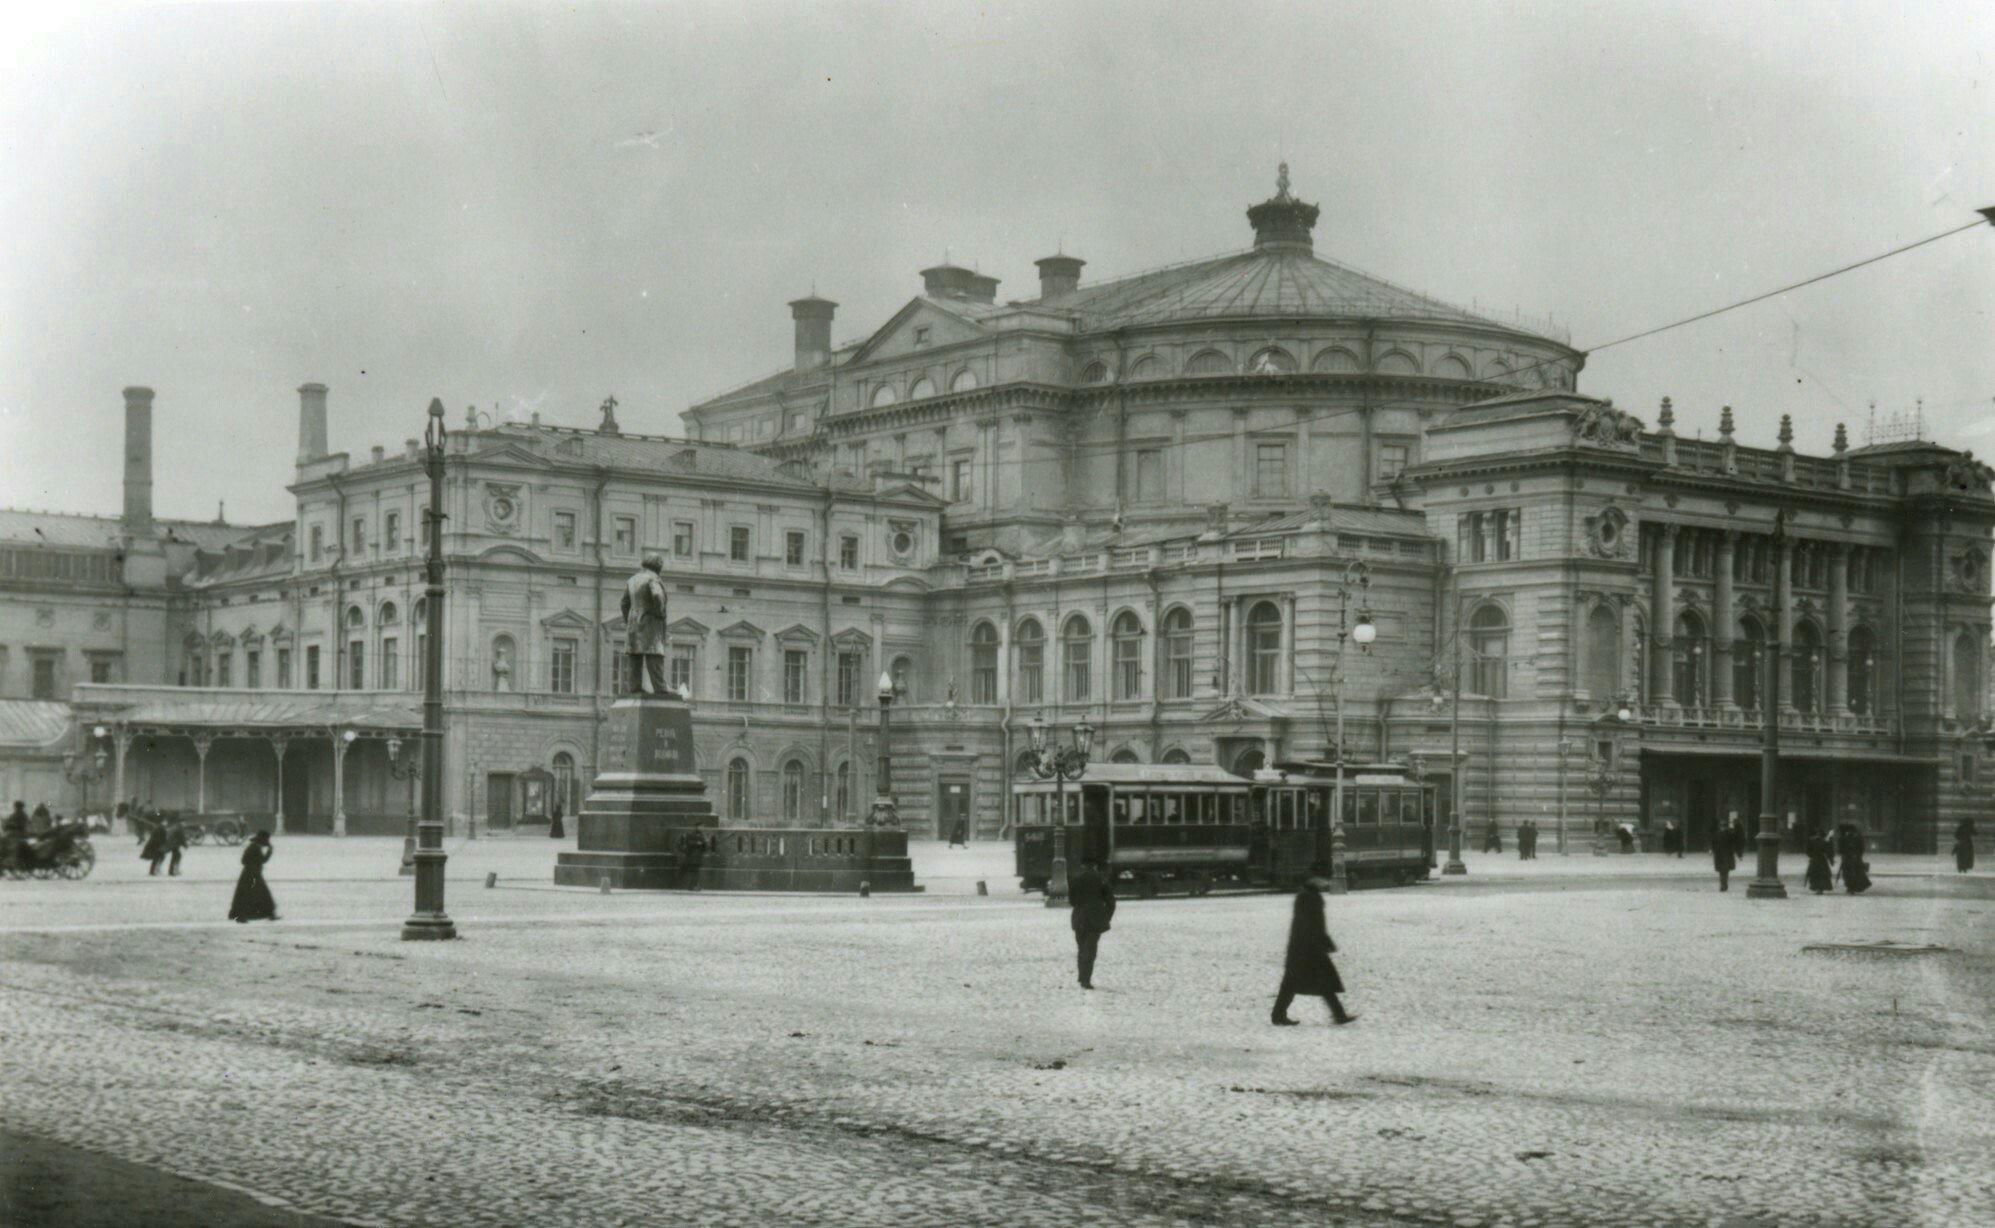 Театральная Площадь, предположительно 1913 год